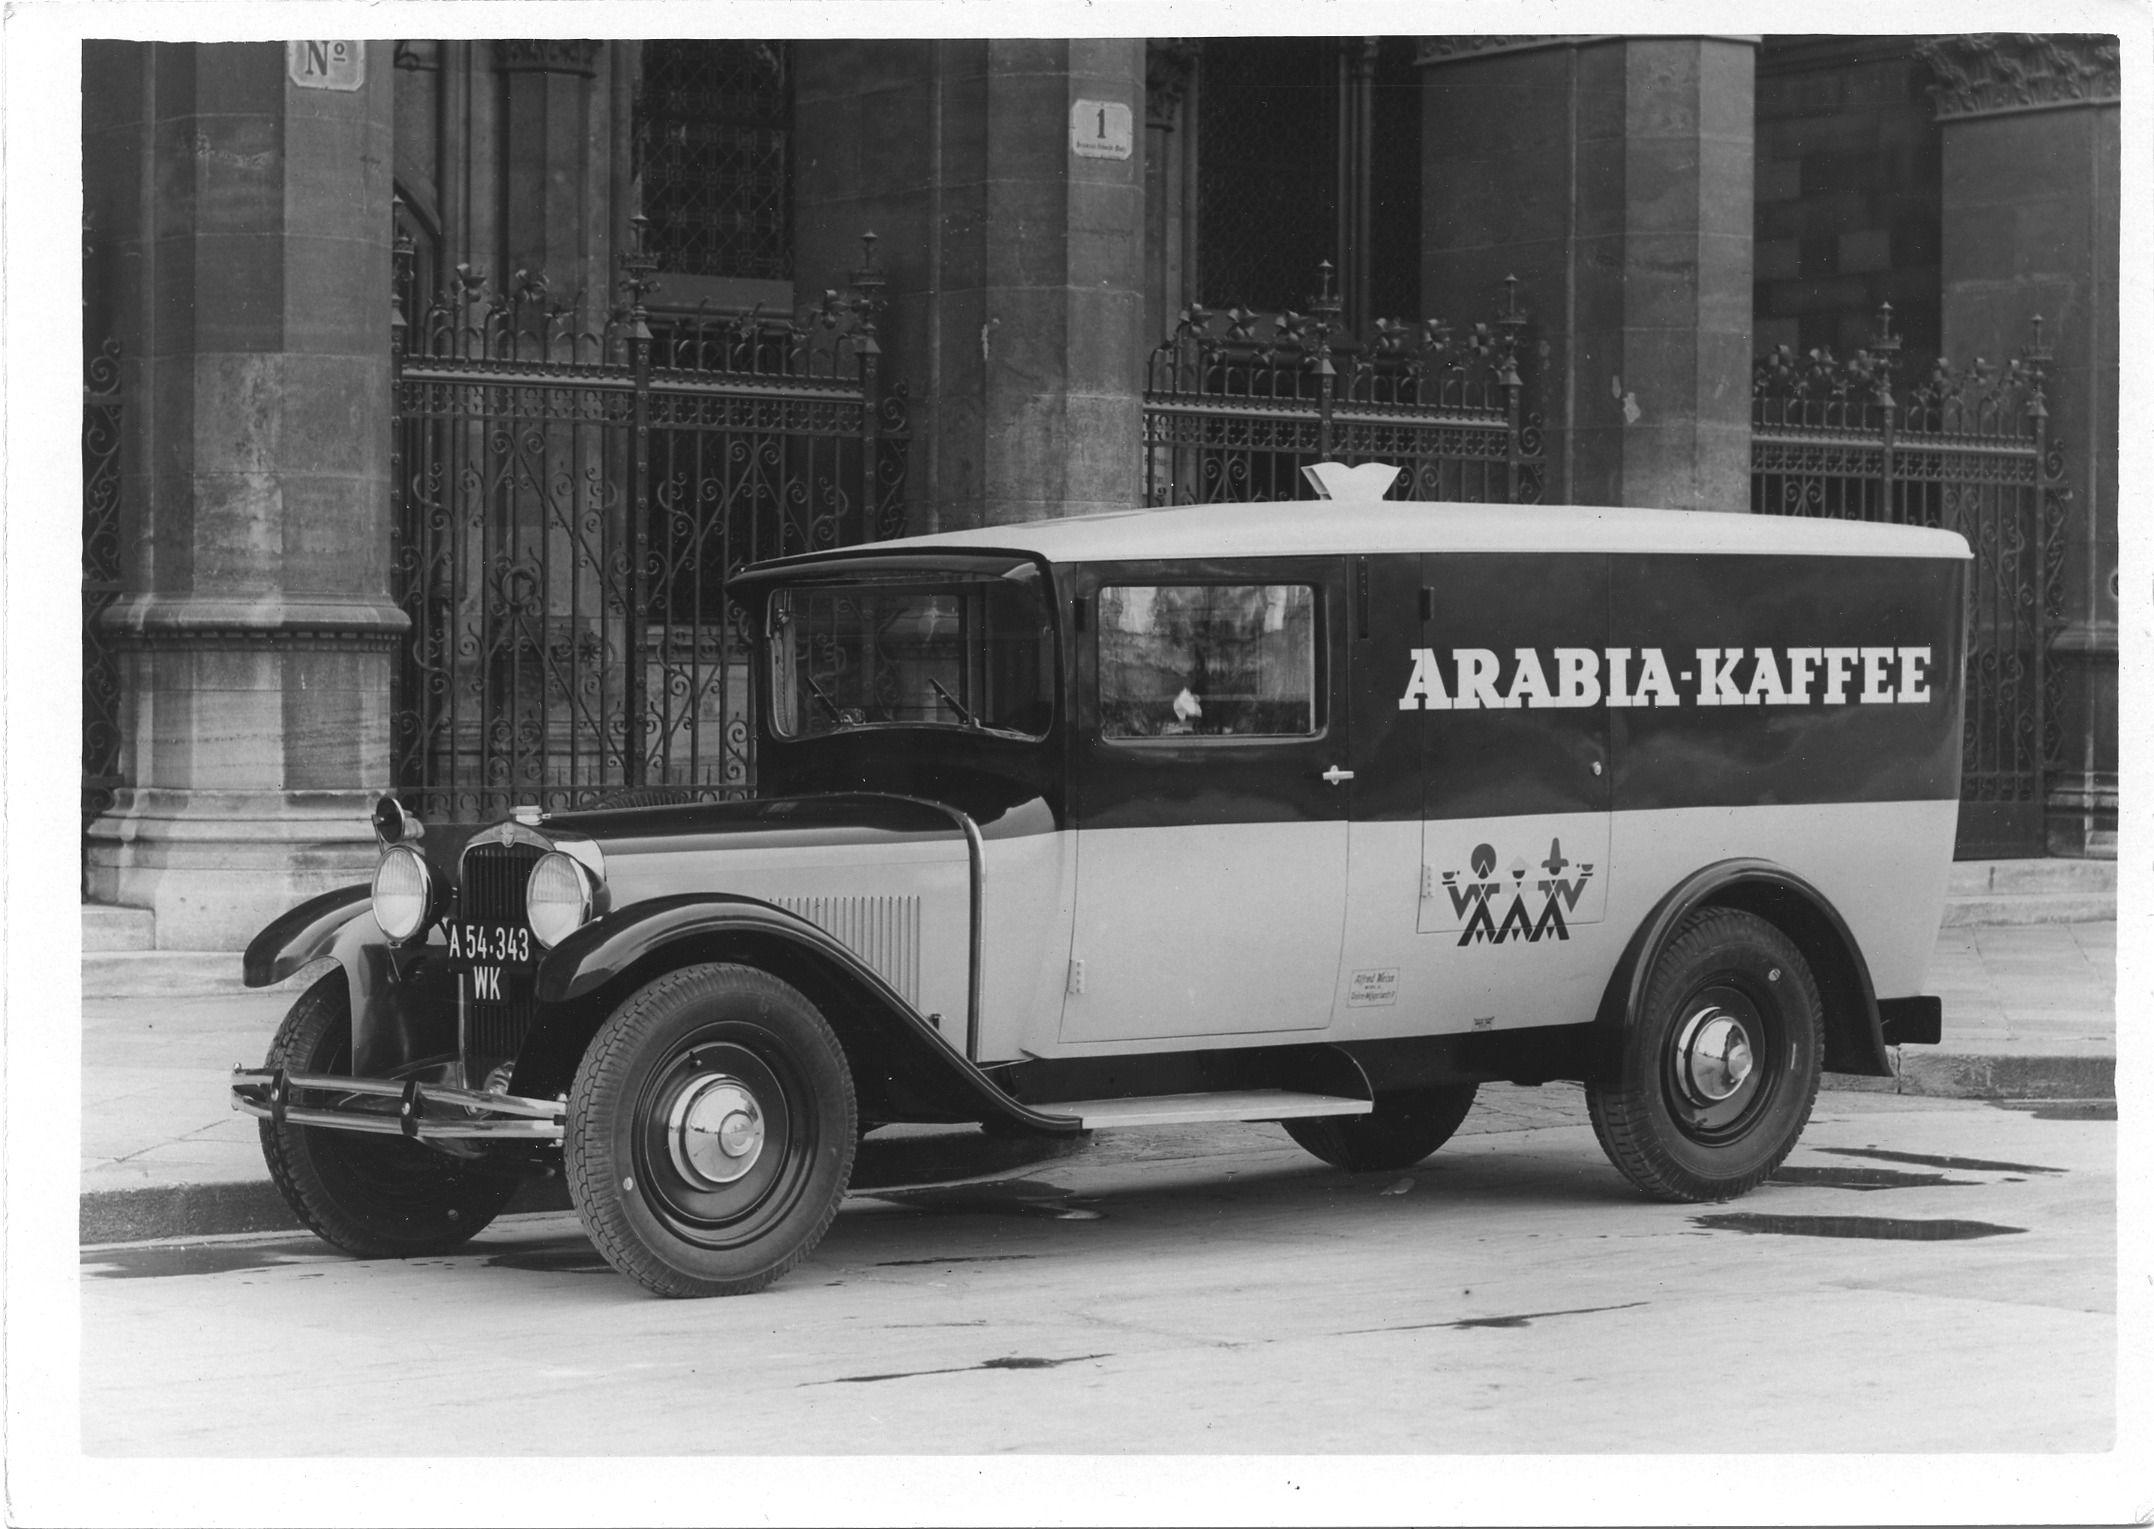 Joseph Binder, Fotografie eines Lieferwagens von Arabia, 1932